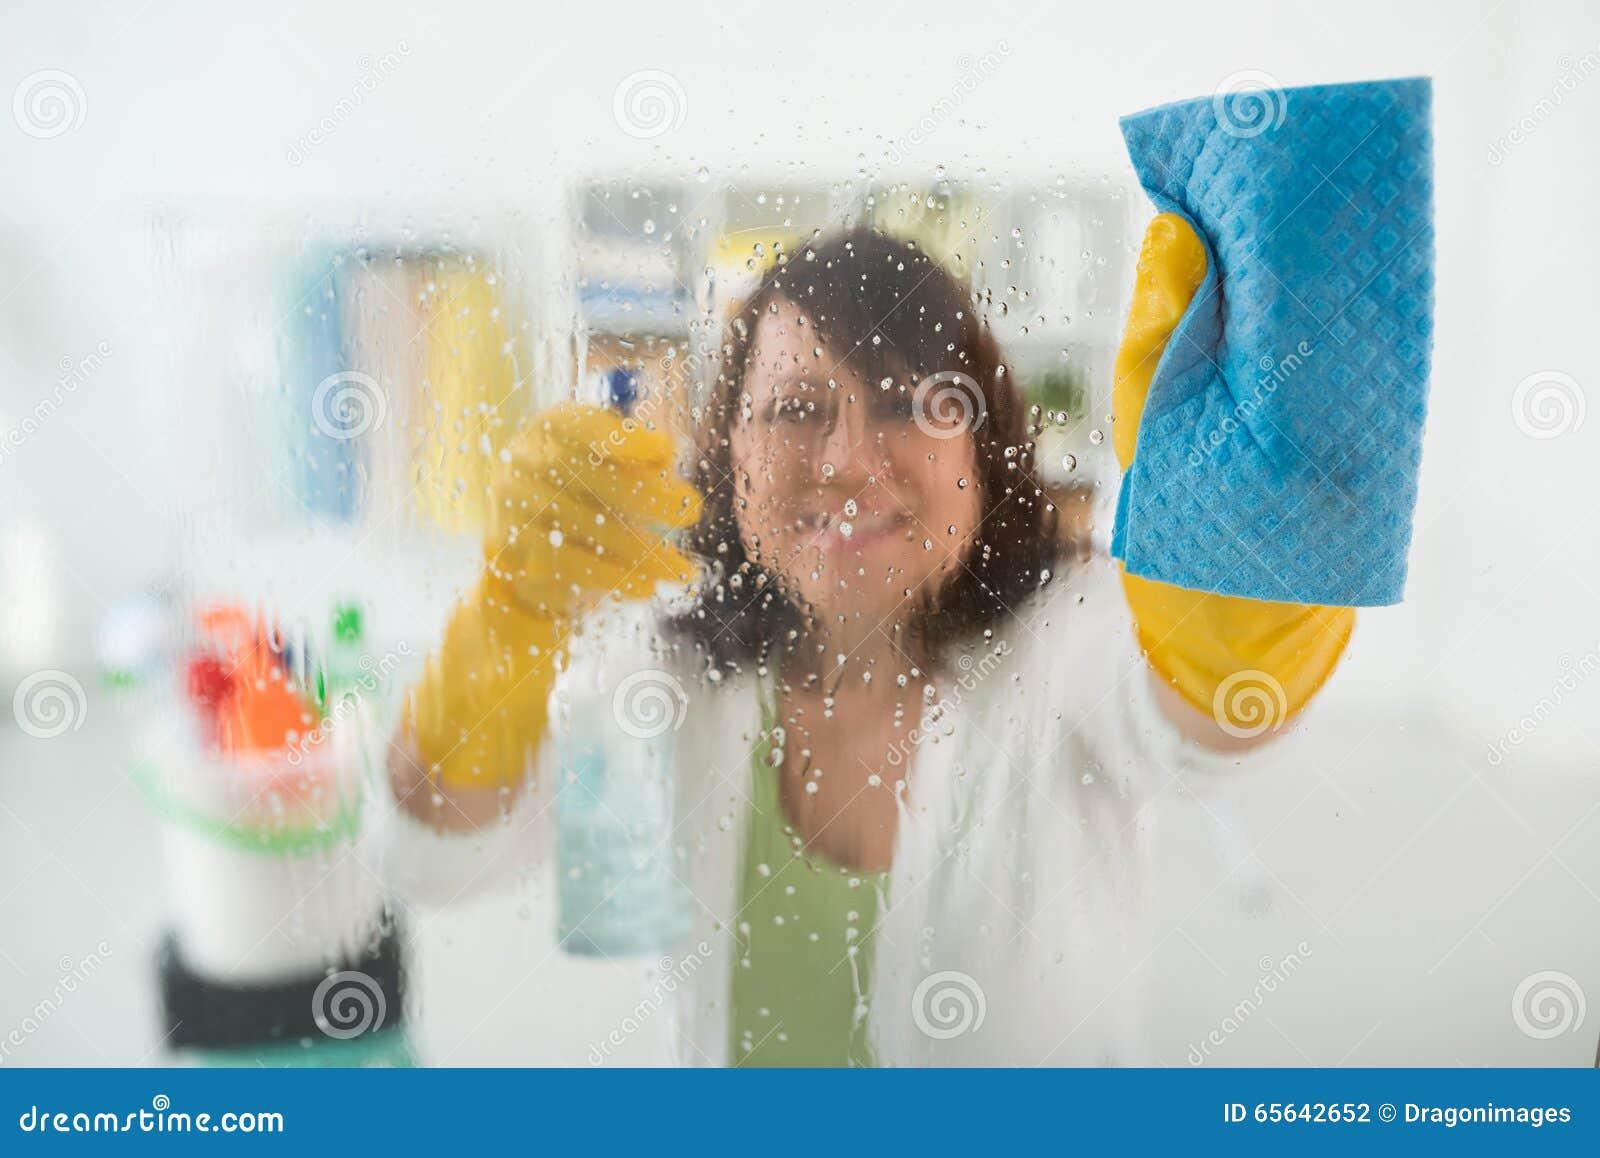 Essuyage de la fenêtre